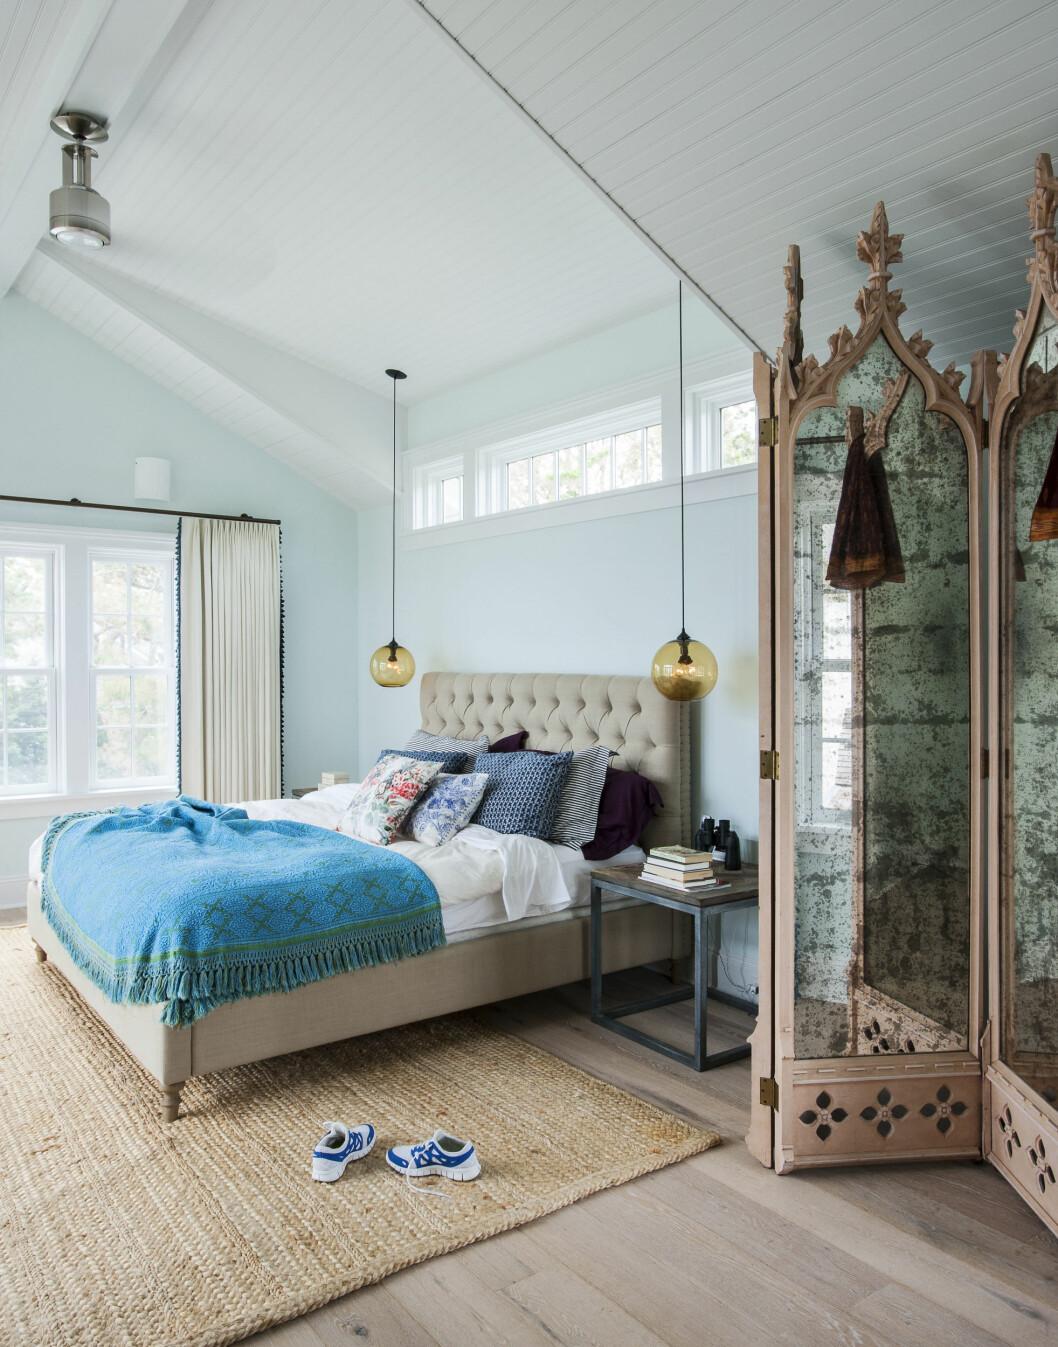 SOVEROMMET: Grønt og blått i alle tenkelige nyanser fungerer alltid sammen. Prøv med sengetøy og puter! De to lampene ved sengen heter «Binare Pendant Light» og er fra Jeremy Pyles. Det ornamenterte speilet til høyre er arvegods. Foto: Matthew Williams